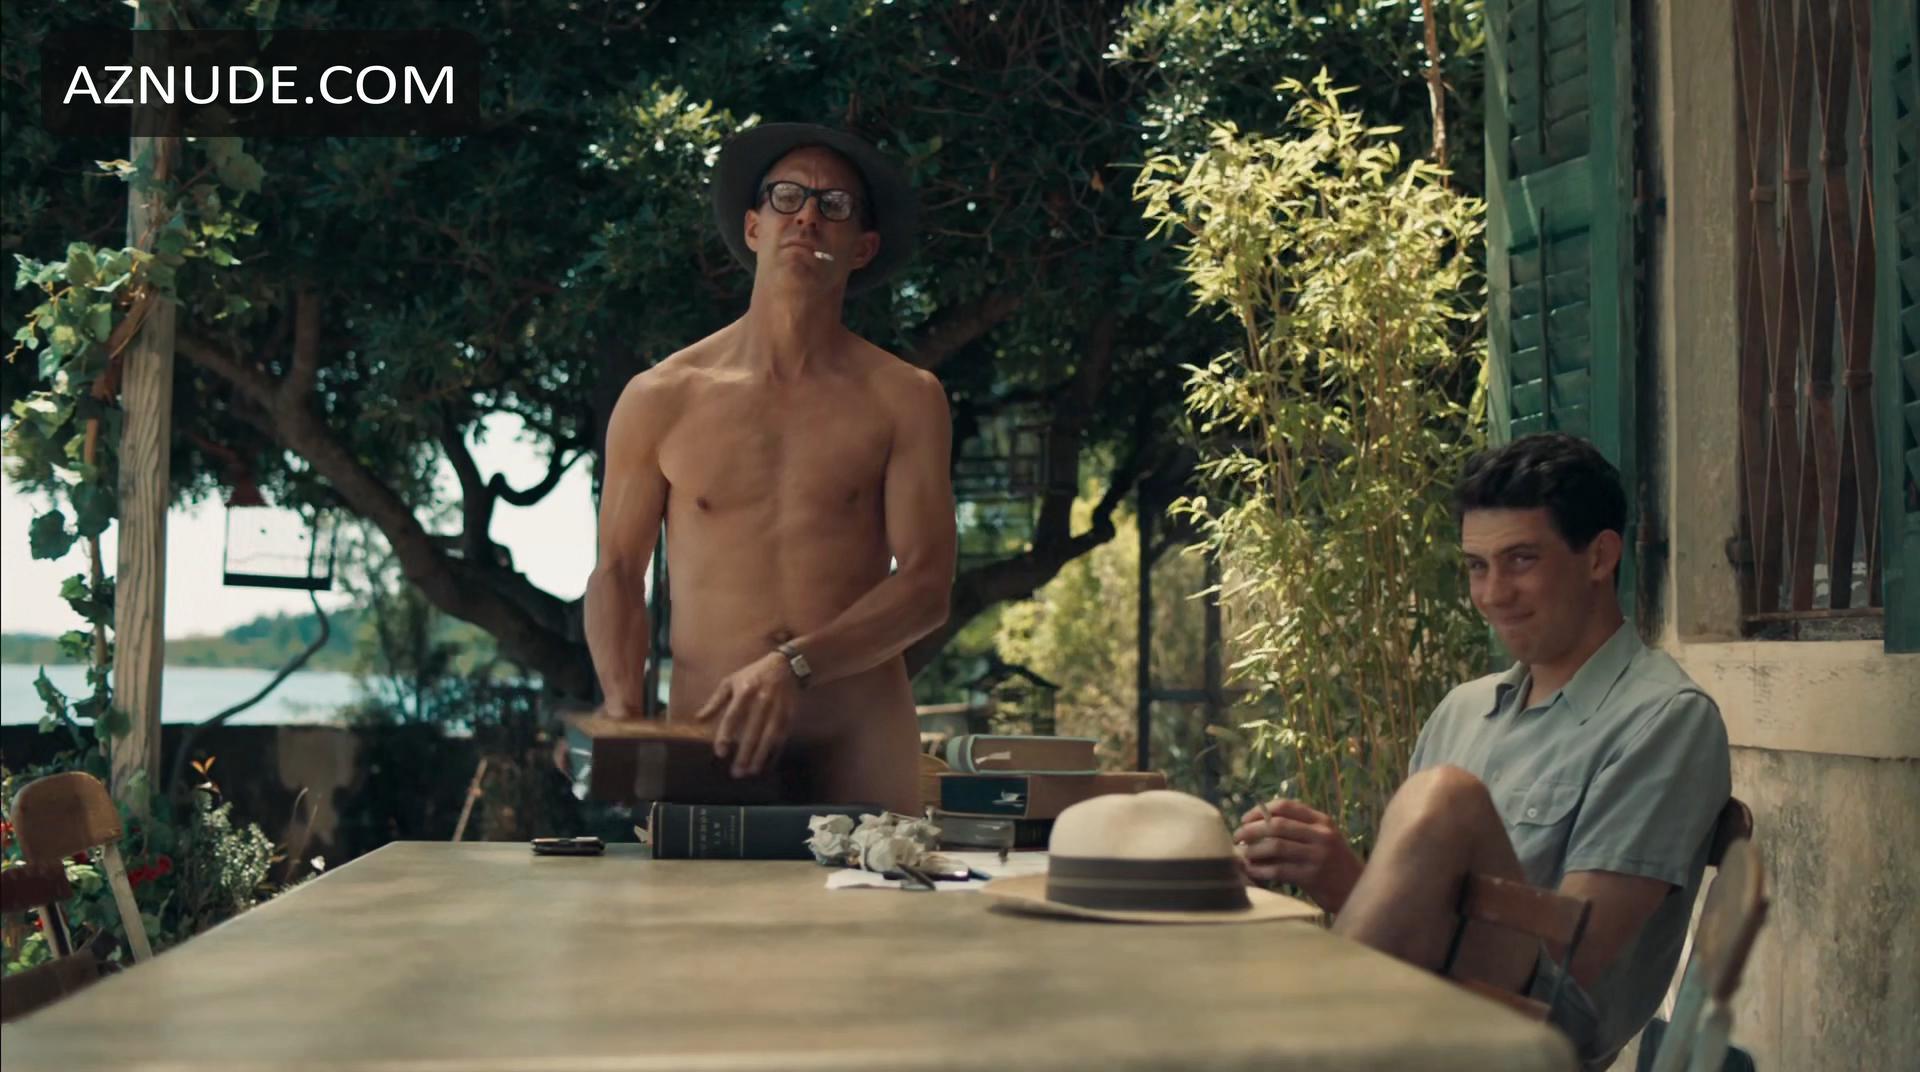 The Durrells Nude Scenes - Aznude Men-8706